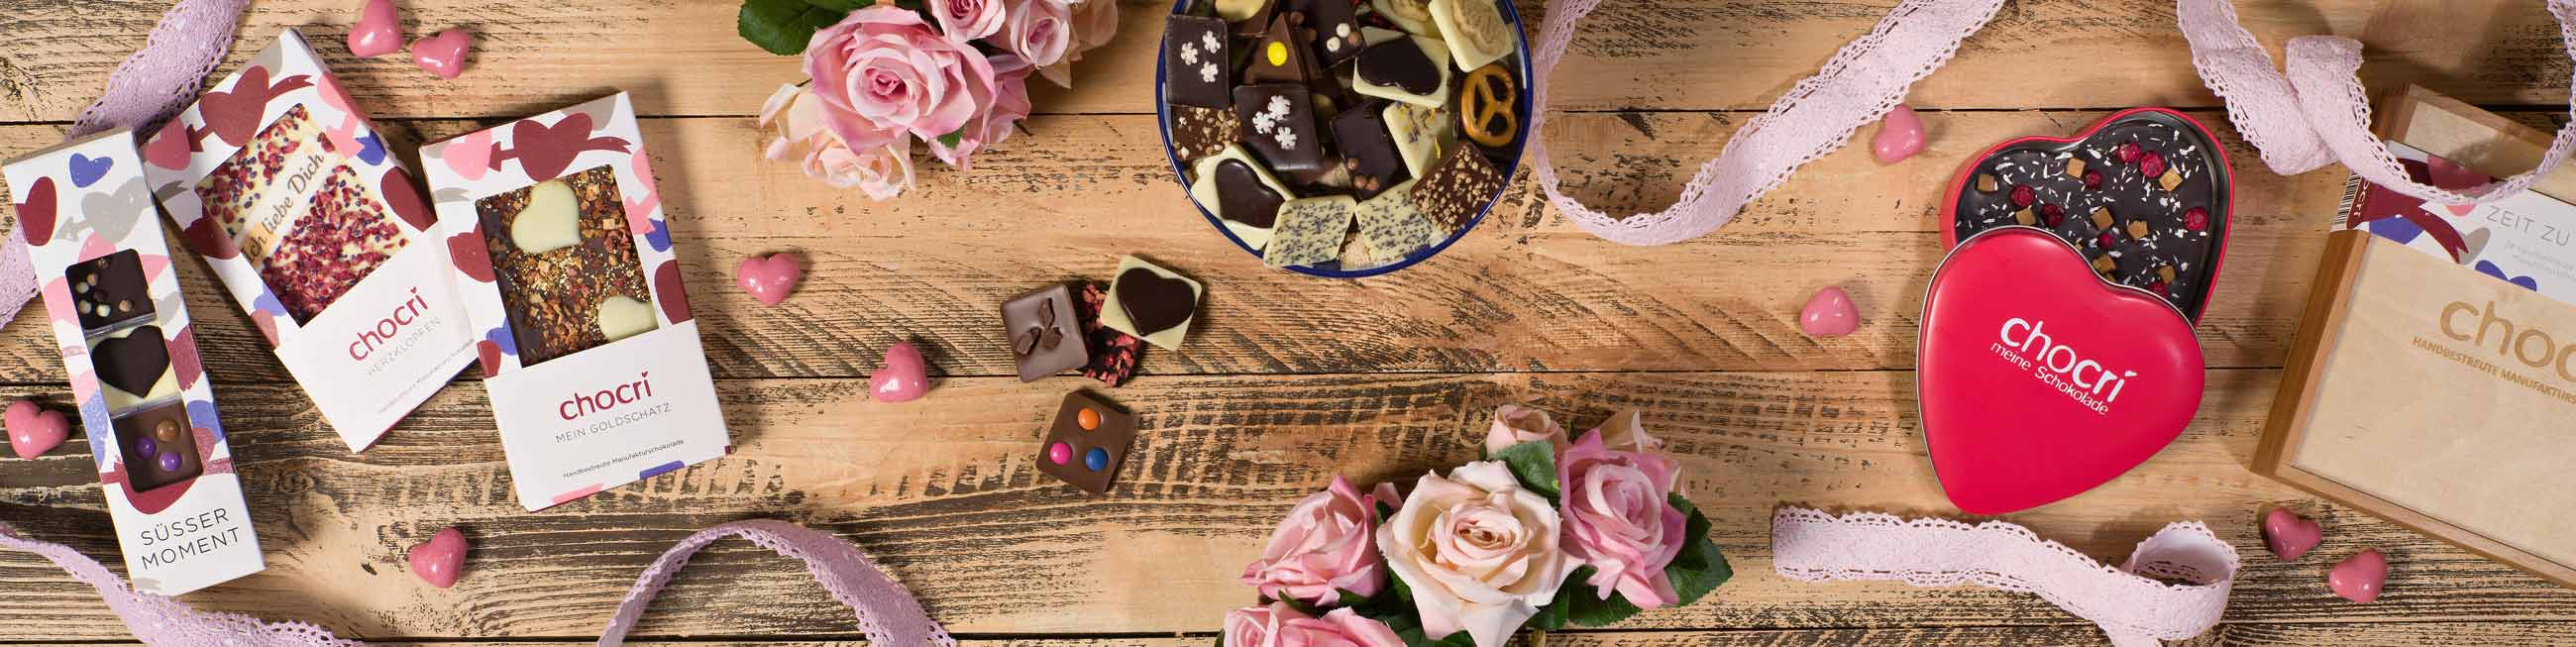 chocri Schokoladige Geschenk fuer den Valentinstag